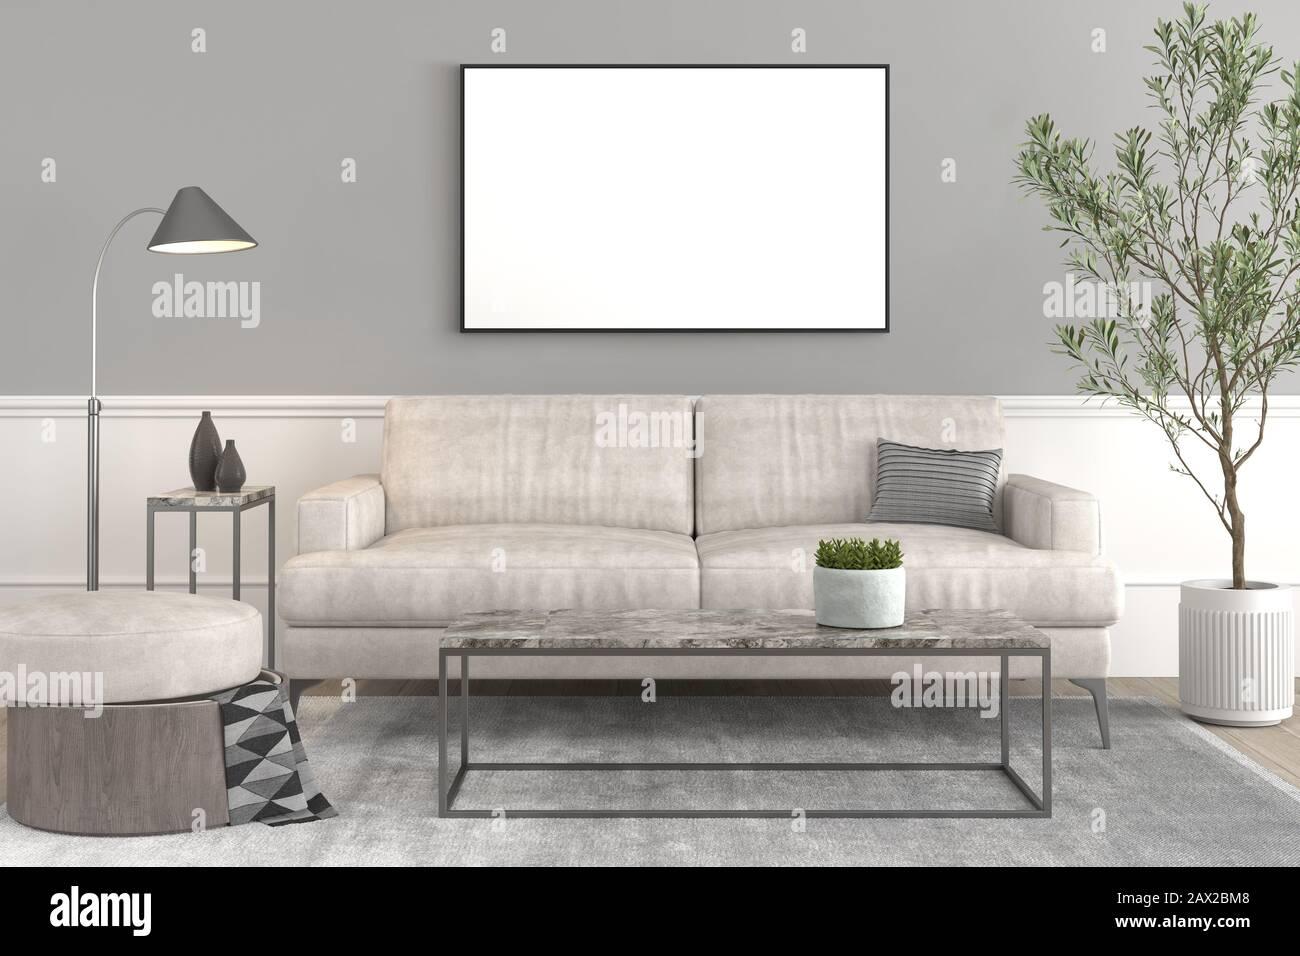 Interior Design Setup Modern Elegant Living Room With Leather